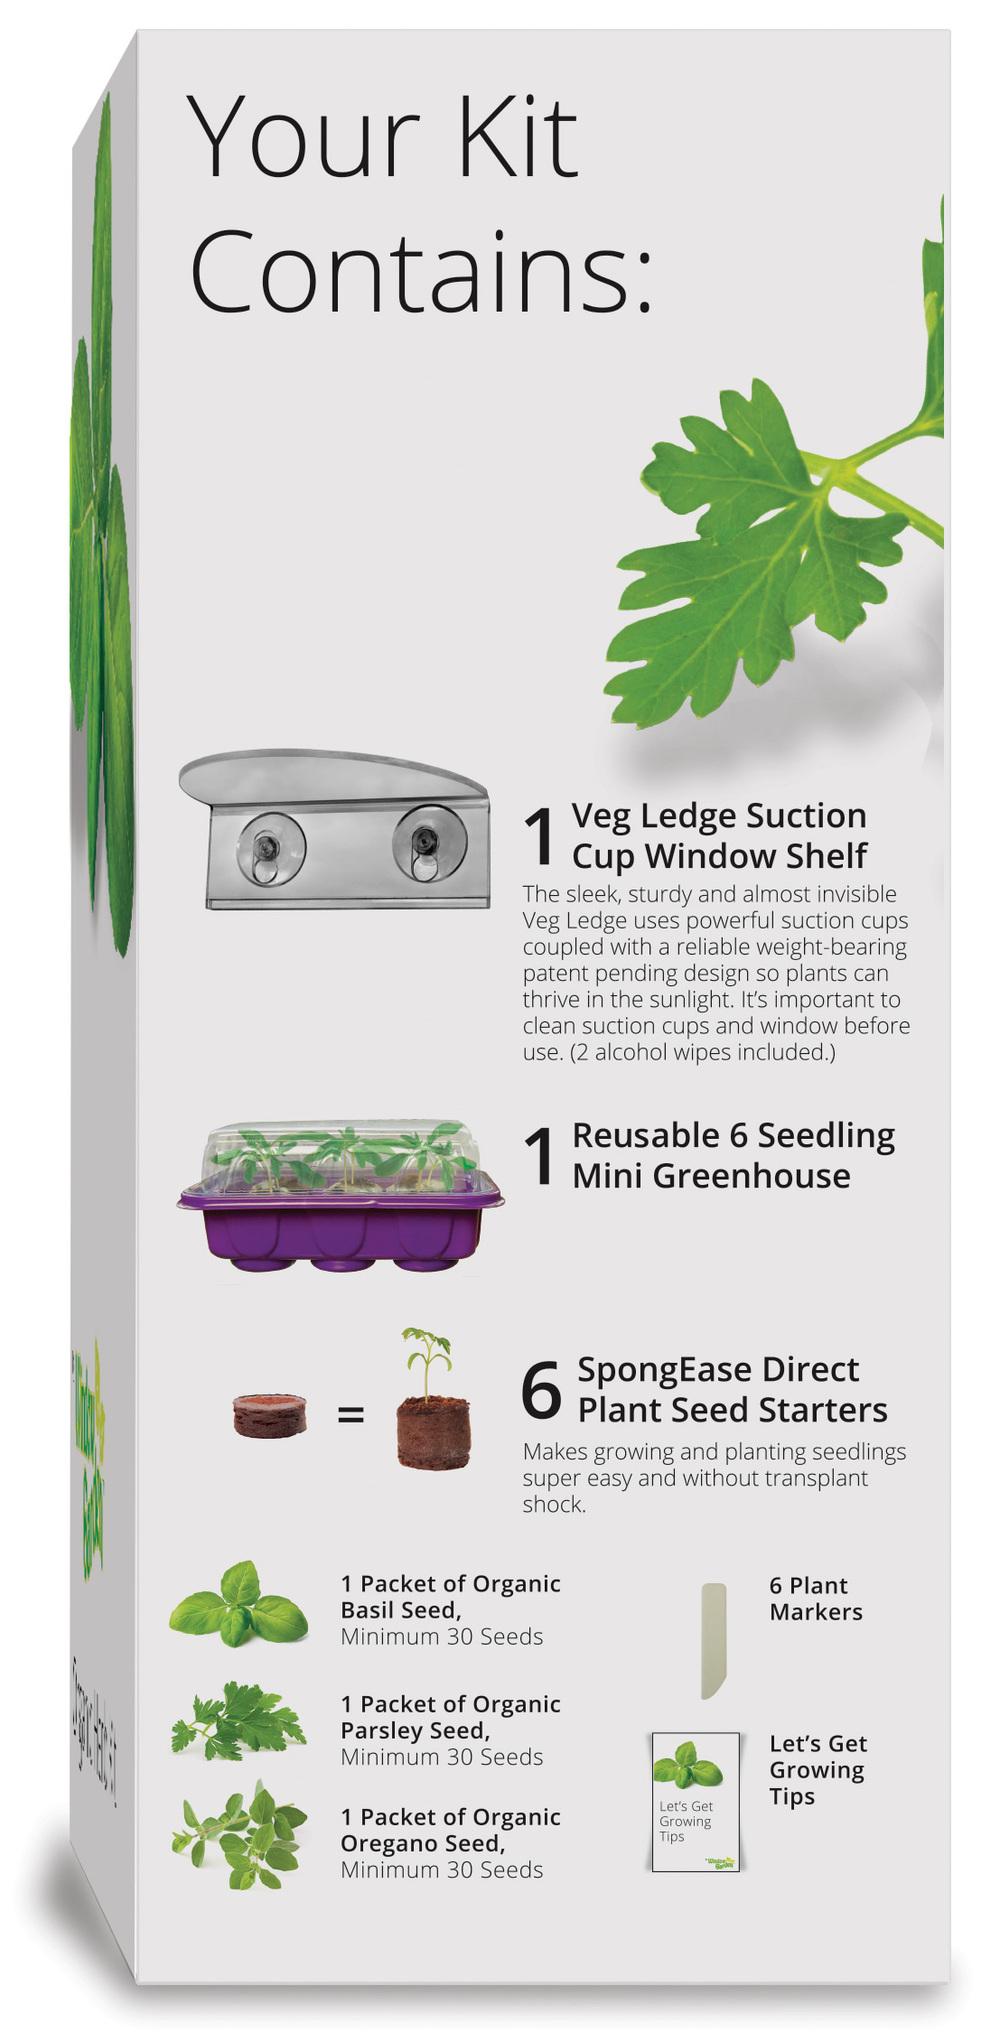 herb_contents_panel_amazon.jpg